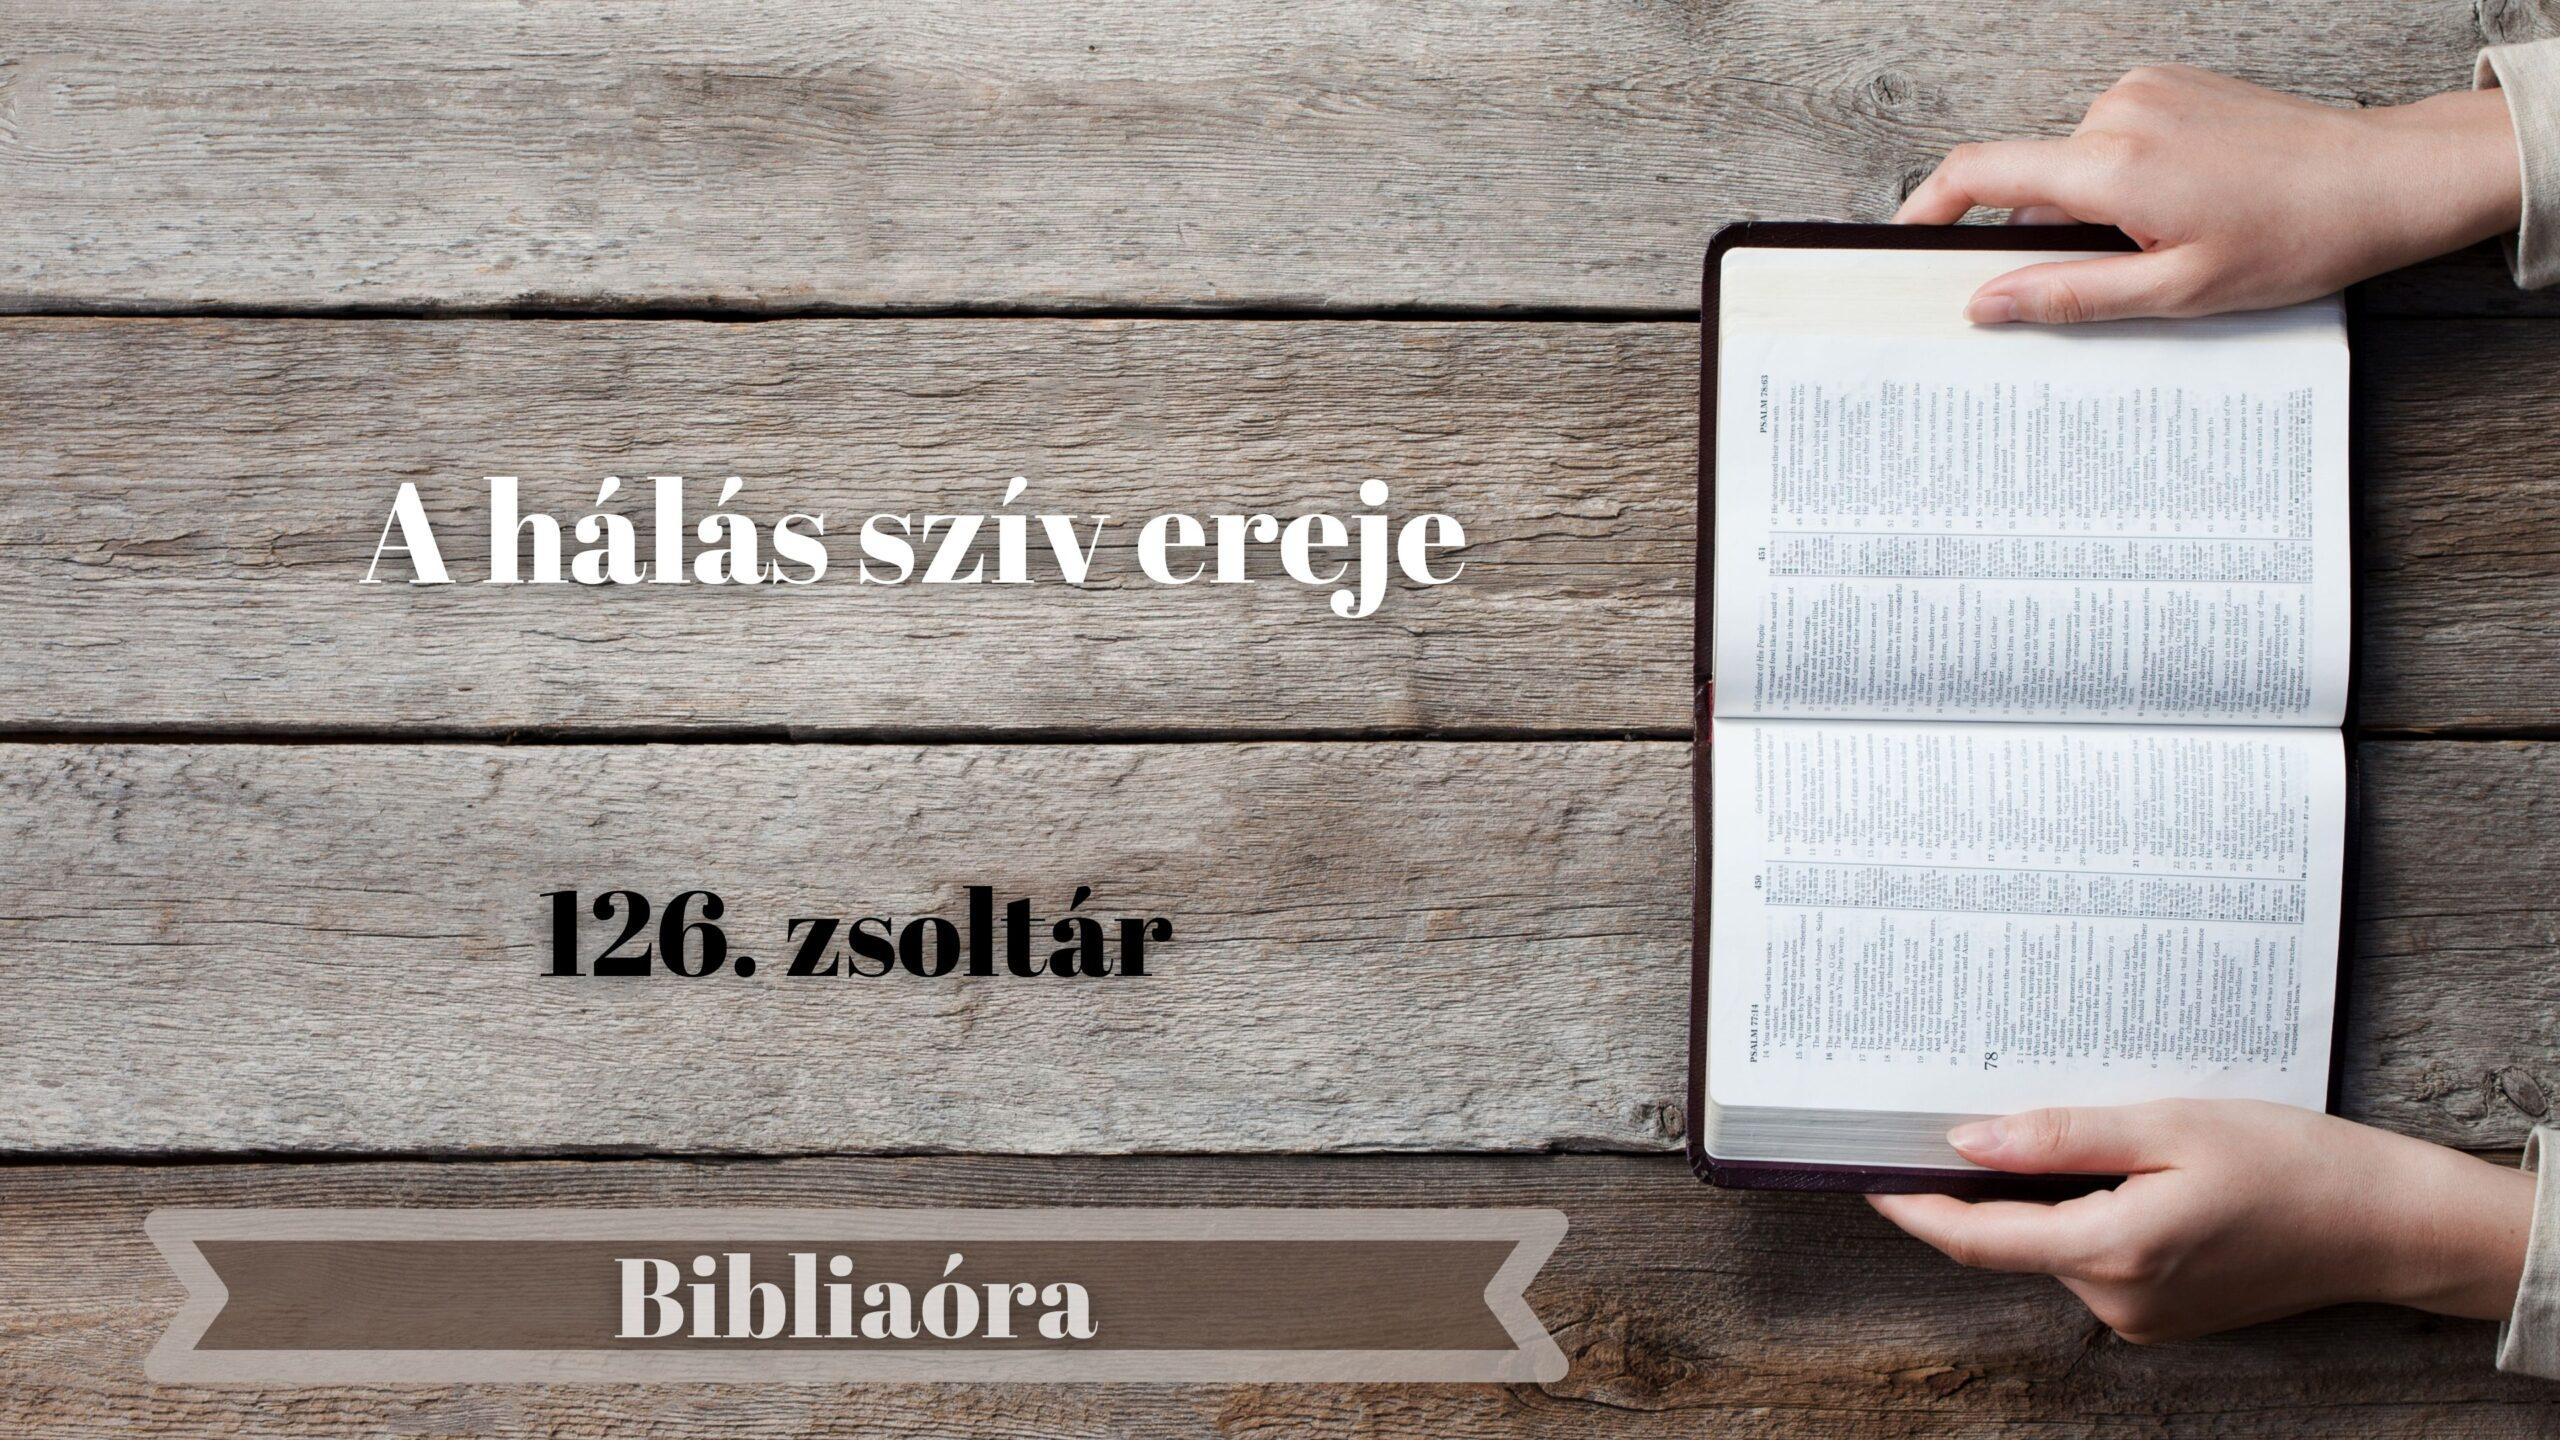 Bibliaóra: A hálás szív ereje